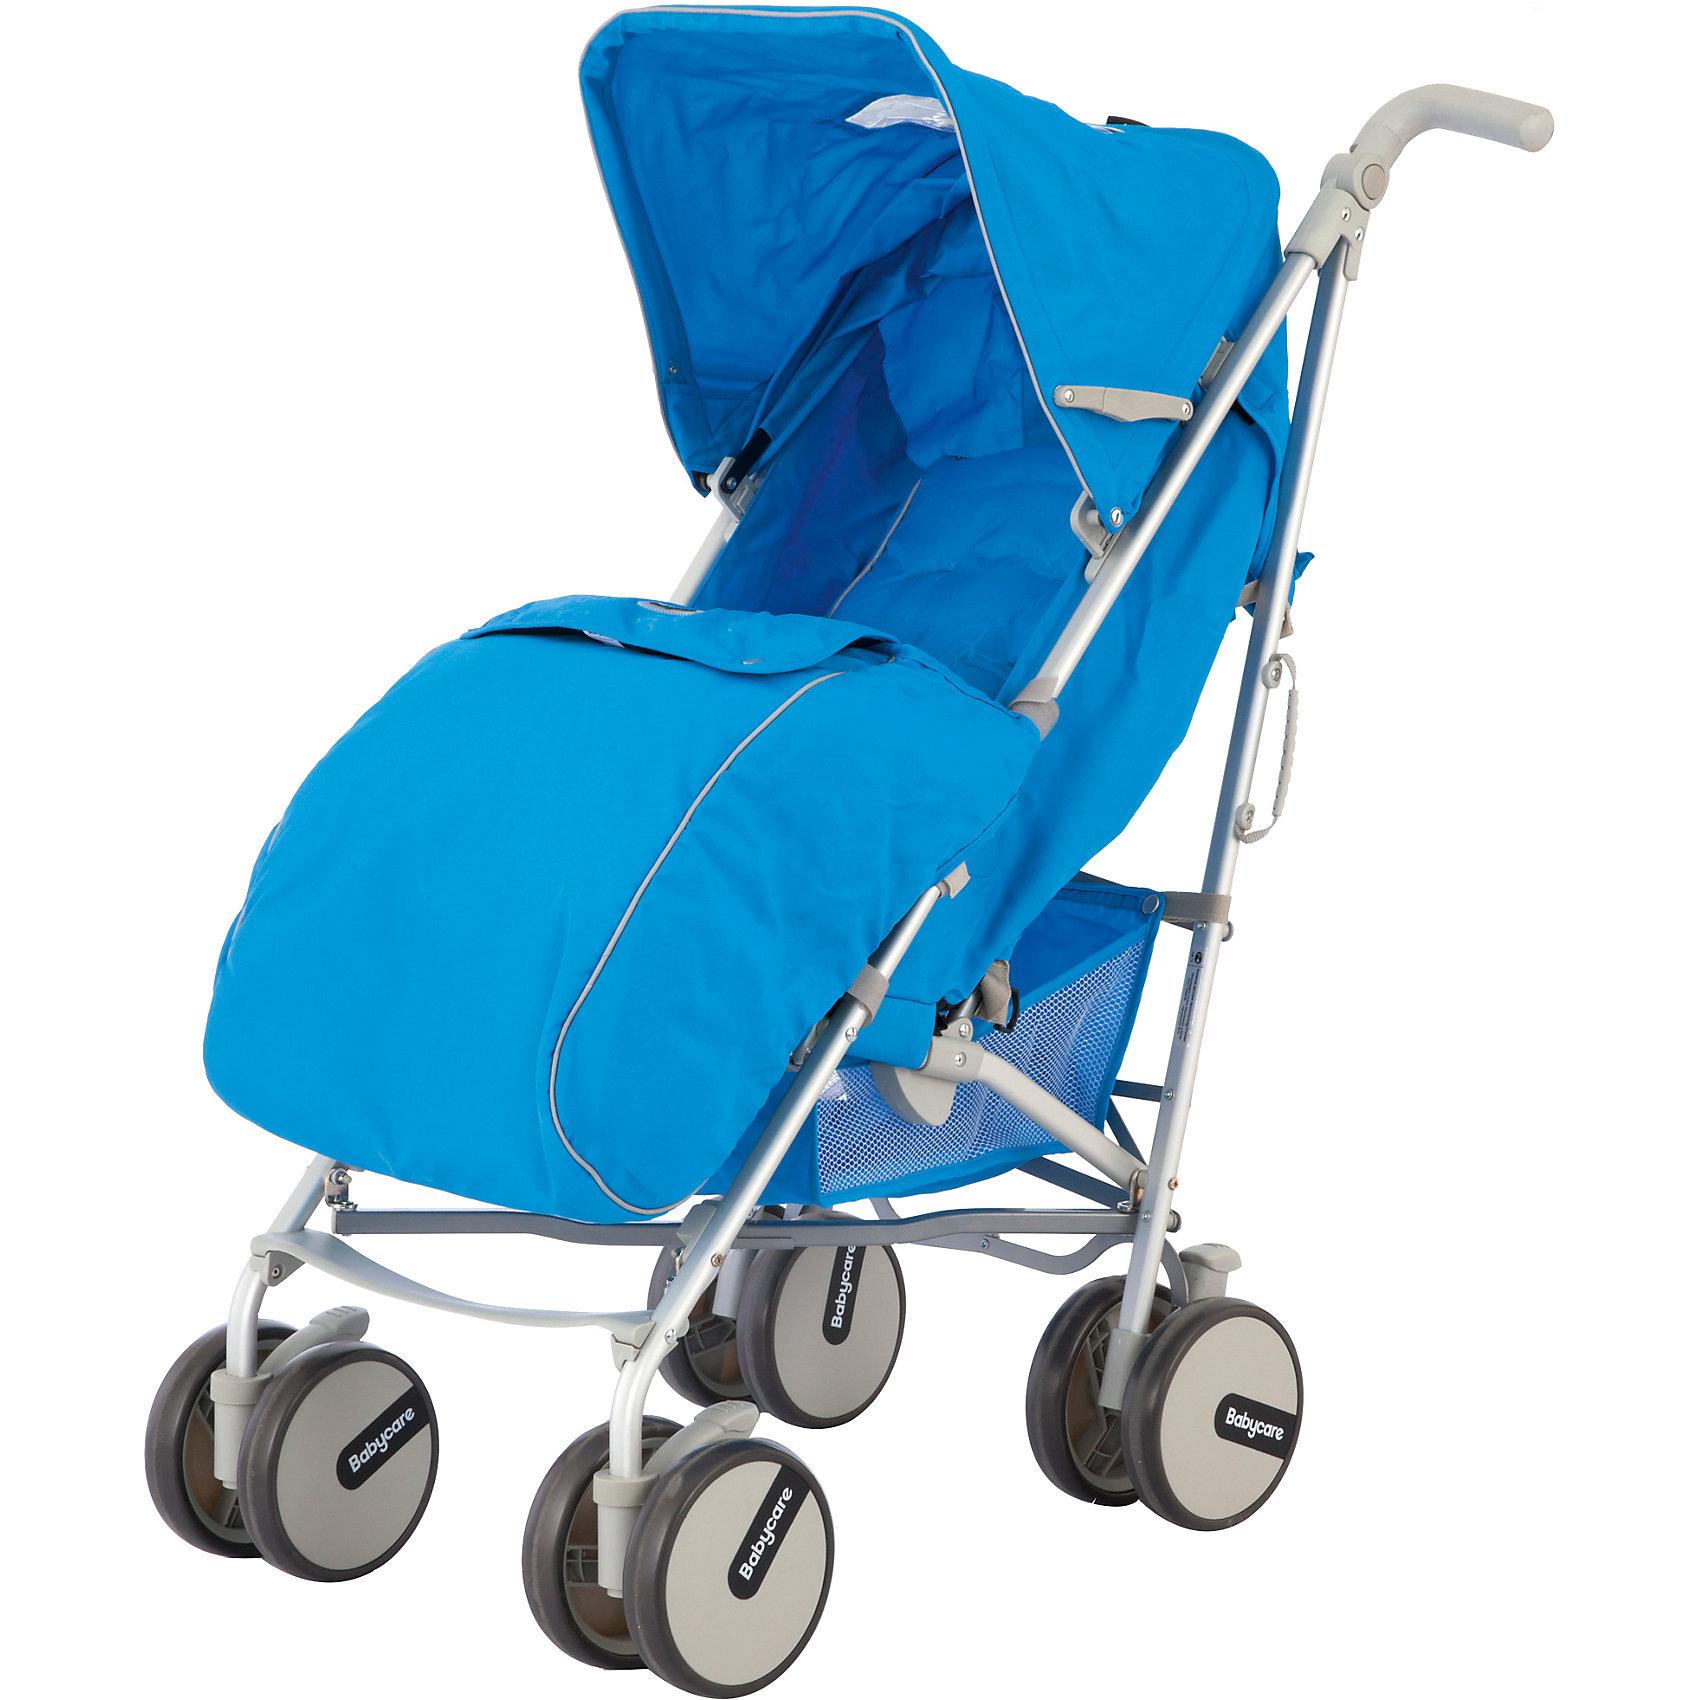 Коляска-трость Baby Care Premier, синийНедорогие коляски<br>Коляска-трость Premier (Премьер), Baby Care , синий – это прогулочная коляска-трость с расширенным функционалом. Здесь и полностью раскладывающийся капюшон, и 3 положения наклона спинки, и регулируемая подножка и еще множество приятных мелочей, которые редко встречаются у колясок данной категории. Мягкие сдвоенные колеса не только обеспечивают супер плавный ход коляски, но еще и стильно выглядят. Две поворотные в разных плоскостях ручки, большая корзина для вещей придется по вкусу всем мамам!<br><br>Характеристики:<br>-Тип: прогулочная<br>-Цвет: синий<br>-Механизм складывания: трость<br>-Регулировка спинки в 3 положениях <br>-Легкая алюминиевая рама <br>-5-точечные ремни безопасности <br>-Большой складной капюшон с 2-мя окошками<br>-Мягкие сдвоенные колеса из искусственной вспененной резины (пеноплена) <br>-Передние поворотные колеса с фиксатором<br>-Регулируемые в разных плоскостях ручки <br>-Стояночные тормоза на задних колесах <br>-Регулировка высоты ручки: есть<br><br>Комплектация: чехол на ноги, сетка для продуктов<br><br>Дополнительная информация:<br>-Вес коляски: 7 кг<br>-Габариты: 65х32х21 см<br>-Диаметр колёс: 15 см<br>-Ширина колёсной базы: 46 см<br>-Габариты в сложенном виде: 72x46 см<br>-Материалы: пеноплен, пластик, алюминий, текстиль<br><br>Компактная Коляска-трость Premier (Премьер), Baby Care , синий идеально подходит для приятных путешествий, ведь она очень компактна легко и быстро складывается одной рукой!<br><br>Коляска-трость Premier (Премьер), Baby Care , синий можно купить в нашем магазине.<br><br>Ширина мм: 720<br>Глубина мм: 460<br>Высота мм: 210<br>Вес г: 7500<br>Возраст от месяцев: 6<br>Возраст до месяцев: 36<br>Пол: Унисекс<br>Возраст: Детский<br>SKU: 4125329